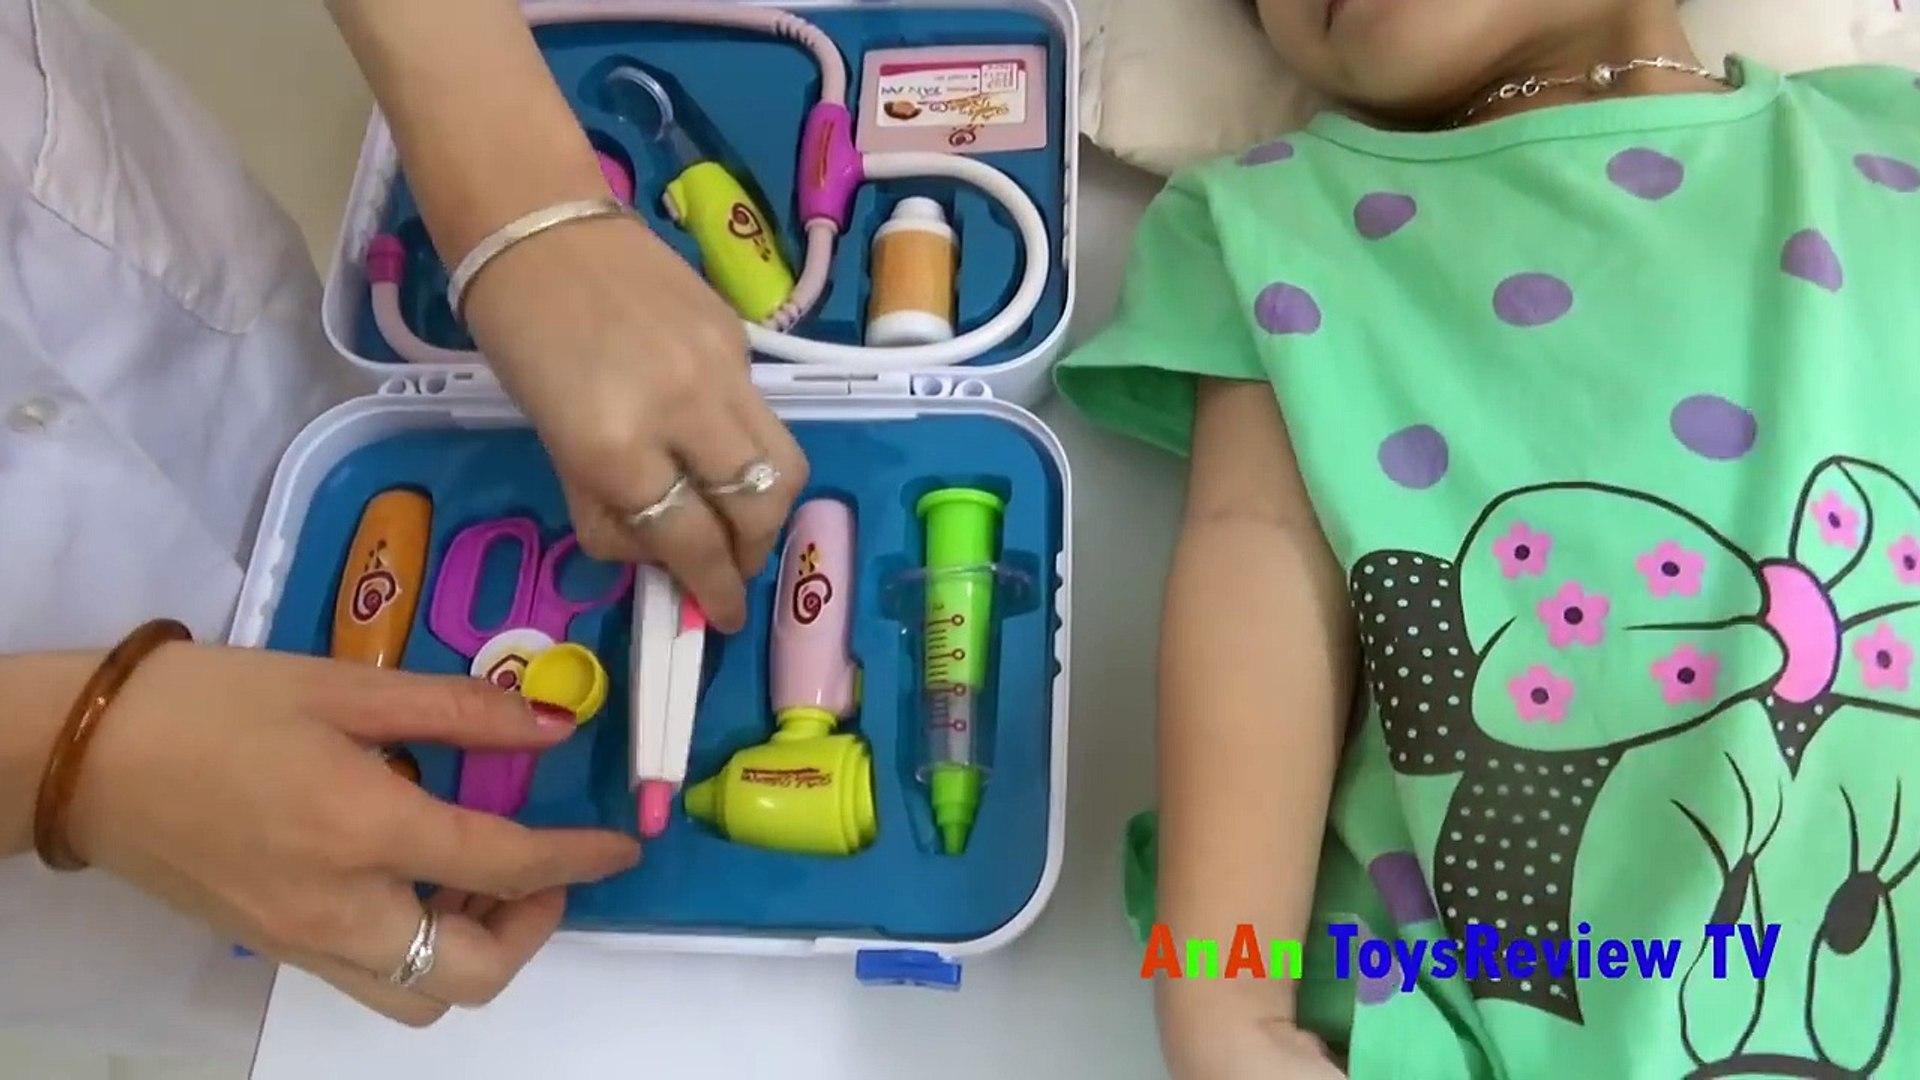 Đồ chơi bác sĩ cho bé - Bé tập làm bác sĩ - Doctors infant toys - baby training to be a doctor